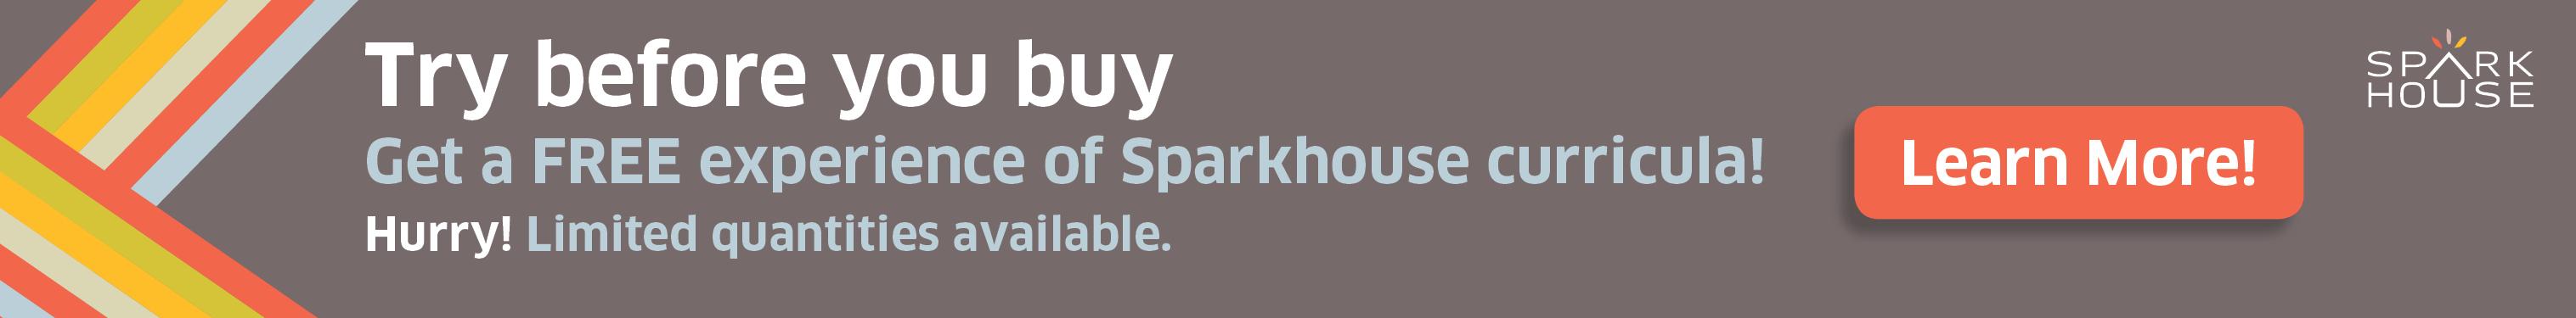 Spark House TBYB